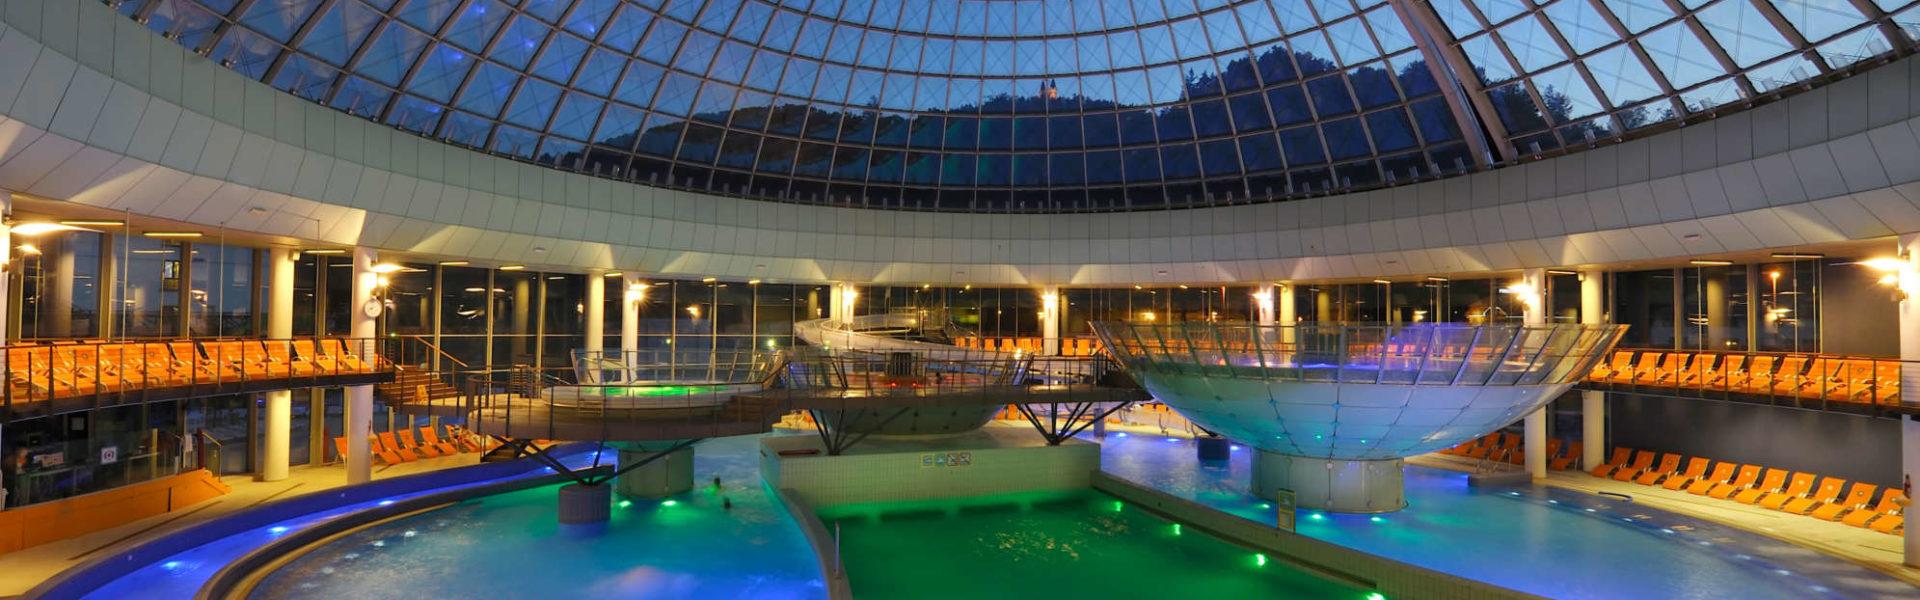 SLOVENIA – RELAX PER TUTTI ALLE TERME IN HOTEL 4 STELLE SUPERIOR